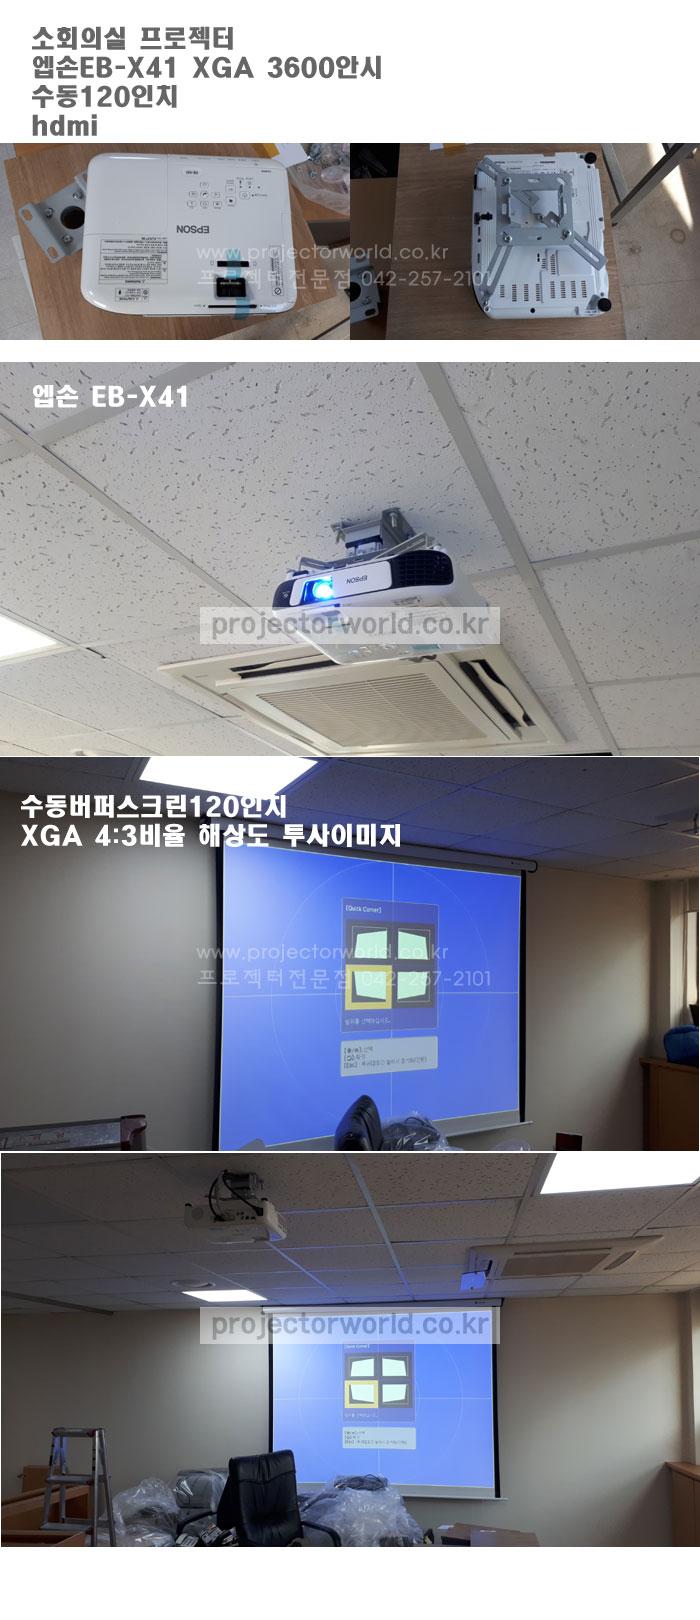 eb-x41,대전빔설치,대전프로젝터회의실용,